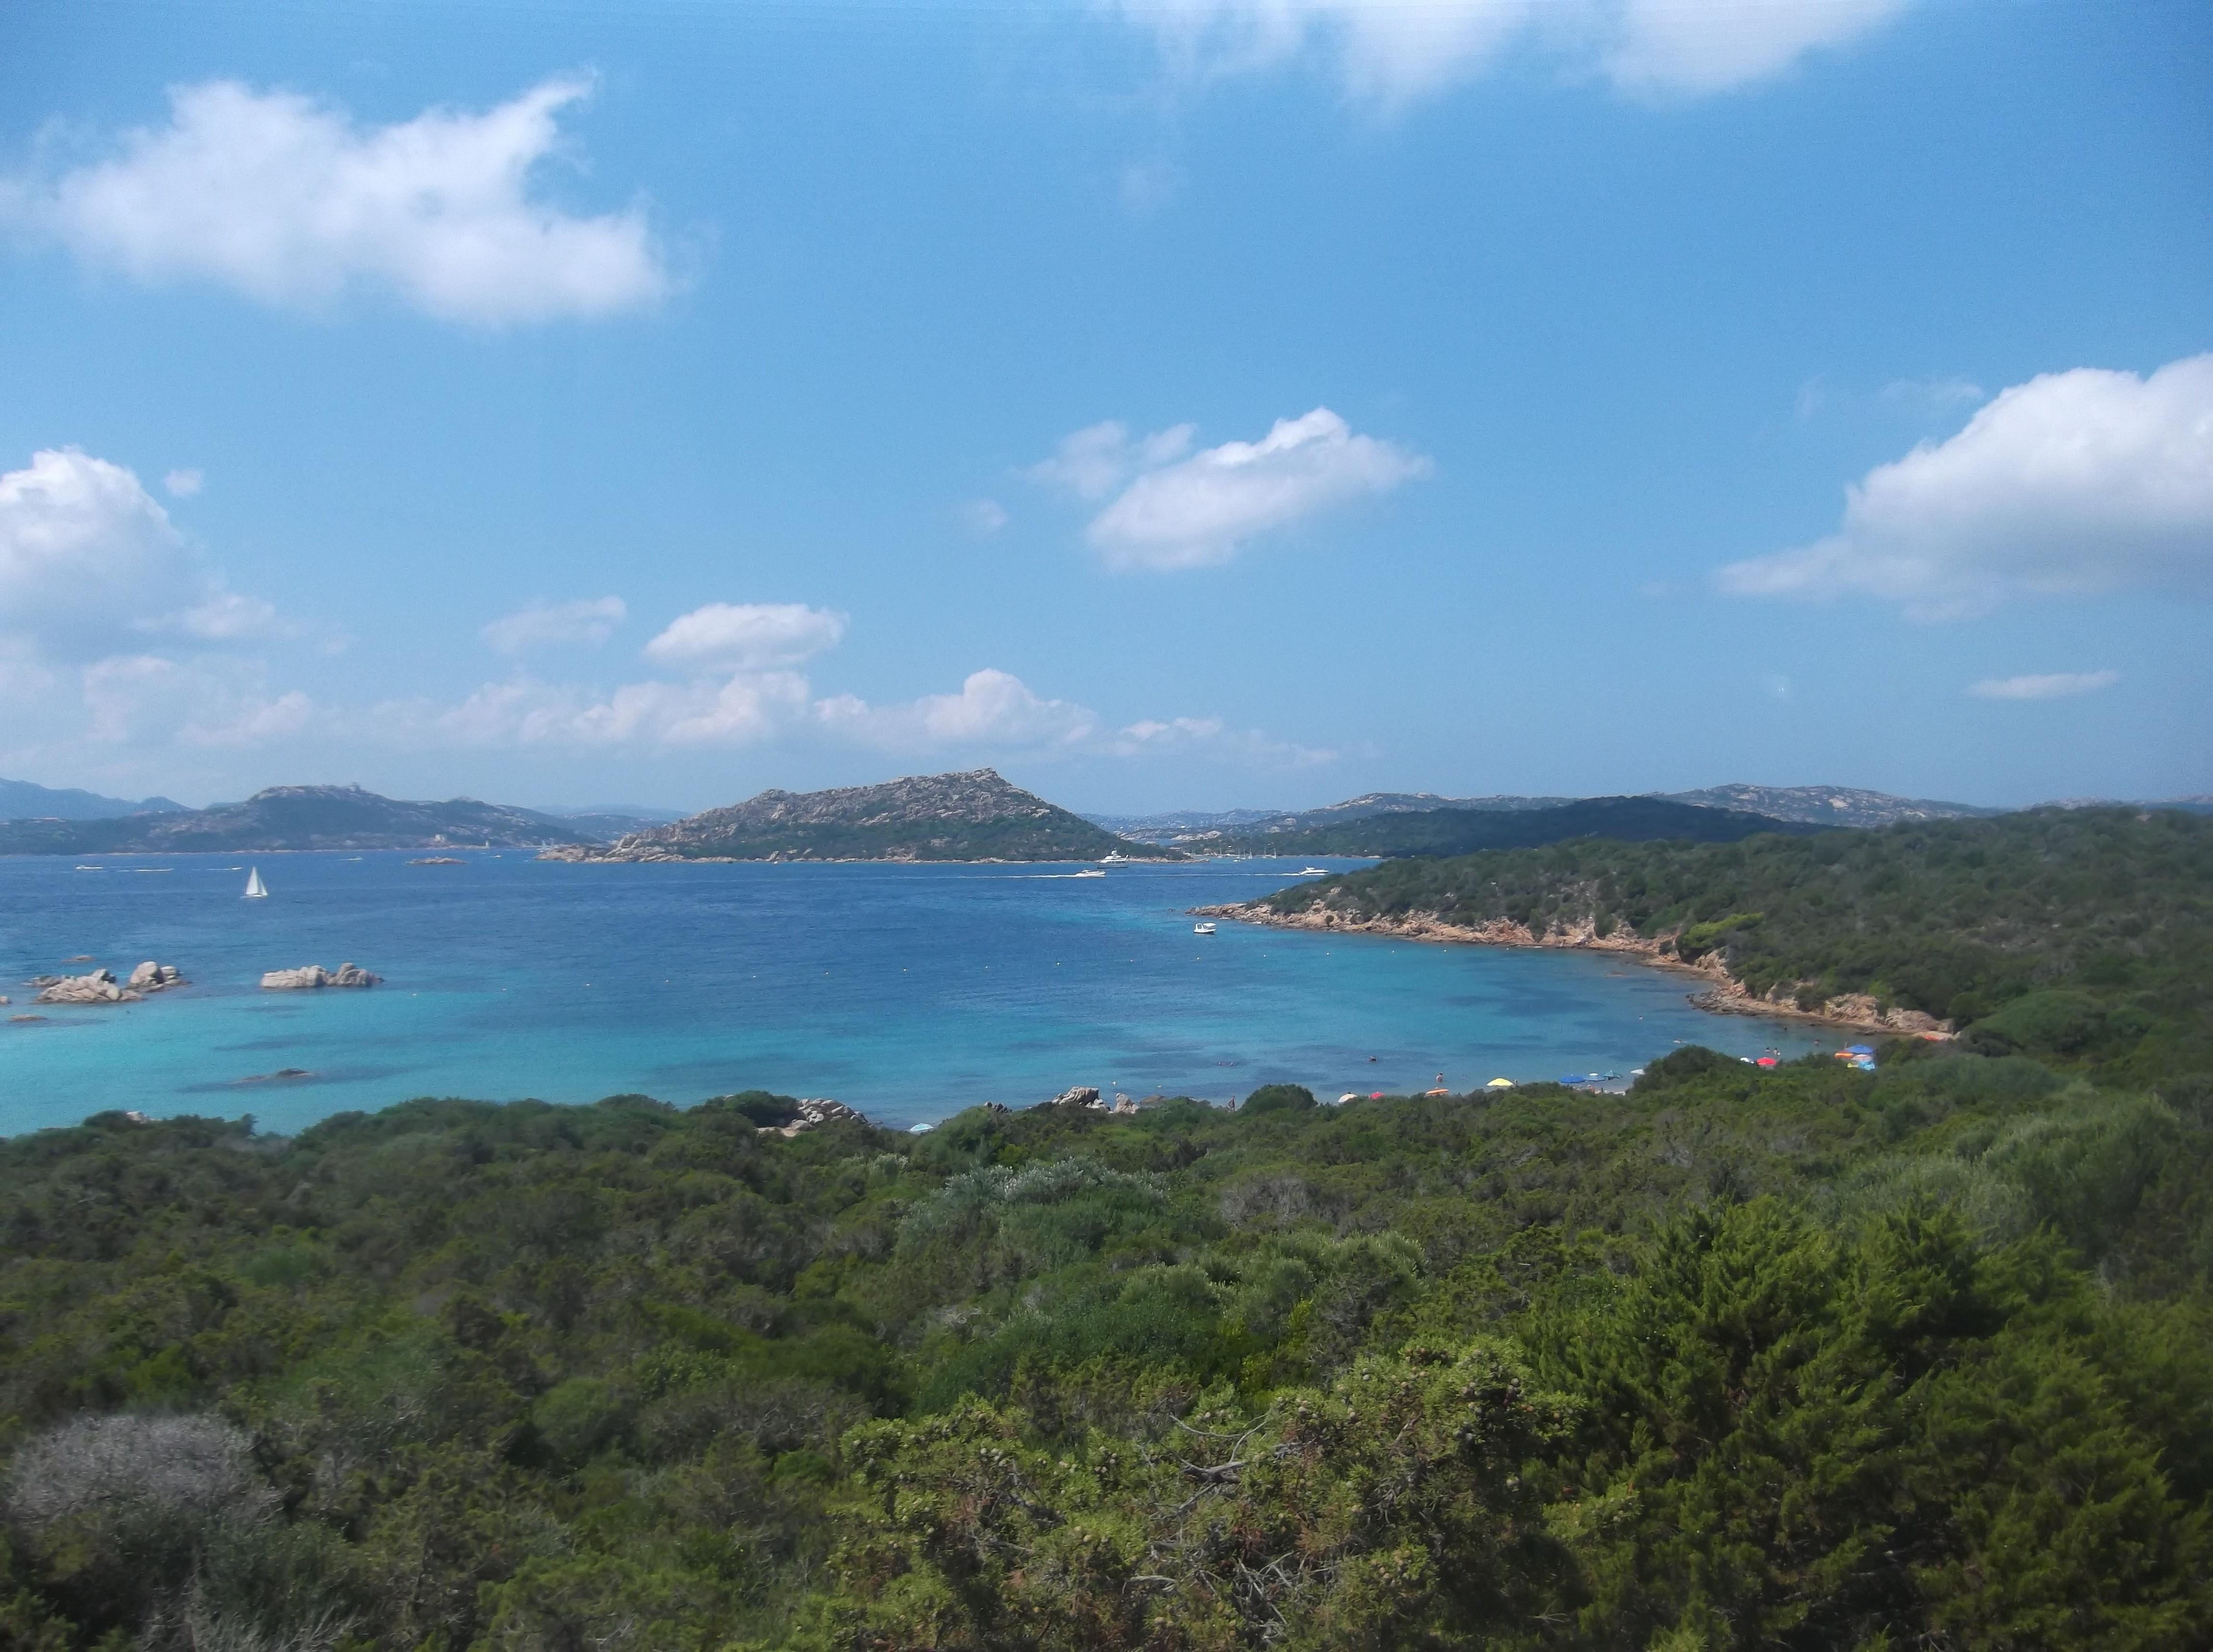 Plage sur l'île de la Caprera